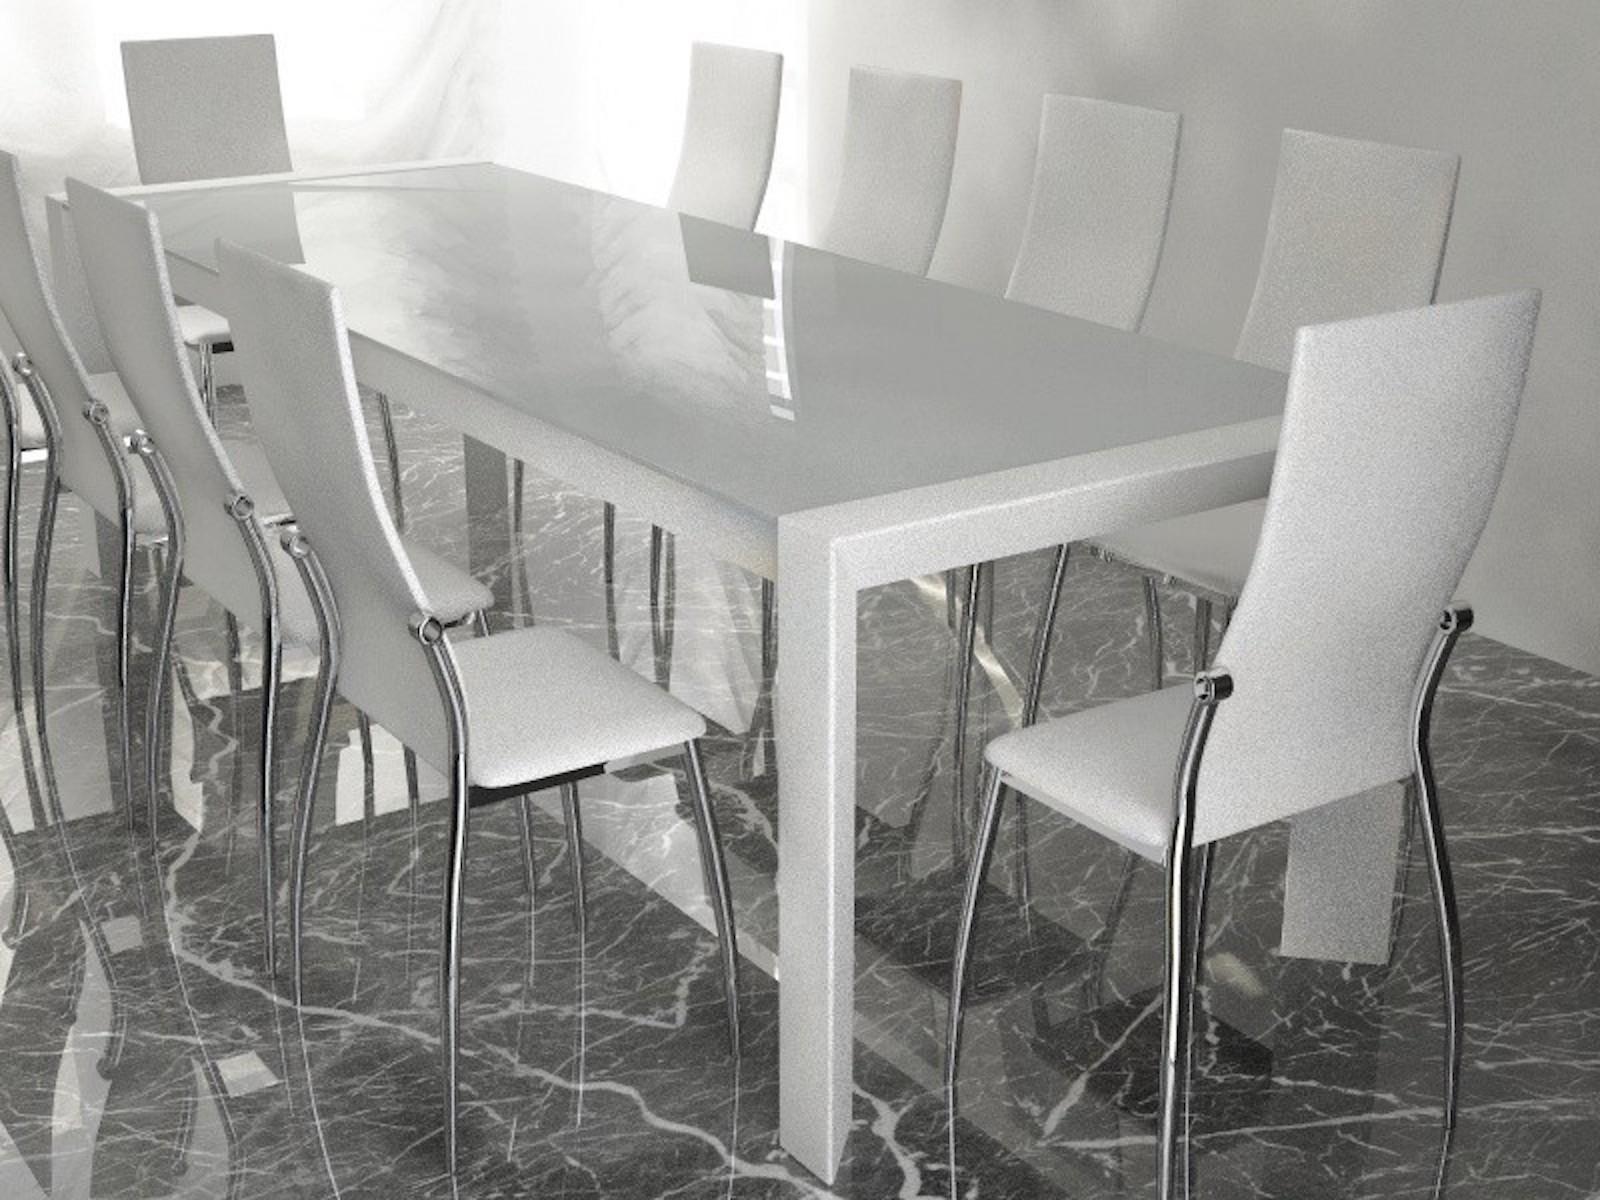 Tavolo moderno con sedie modelli download c4dzone - Tavolo centro convenienza ...